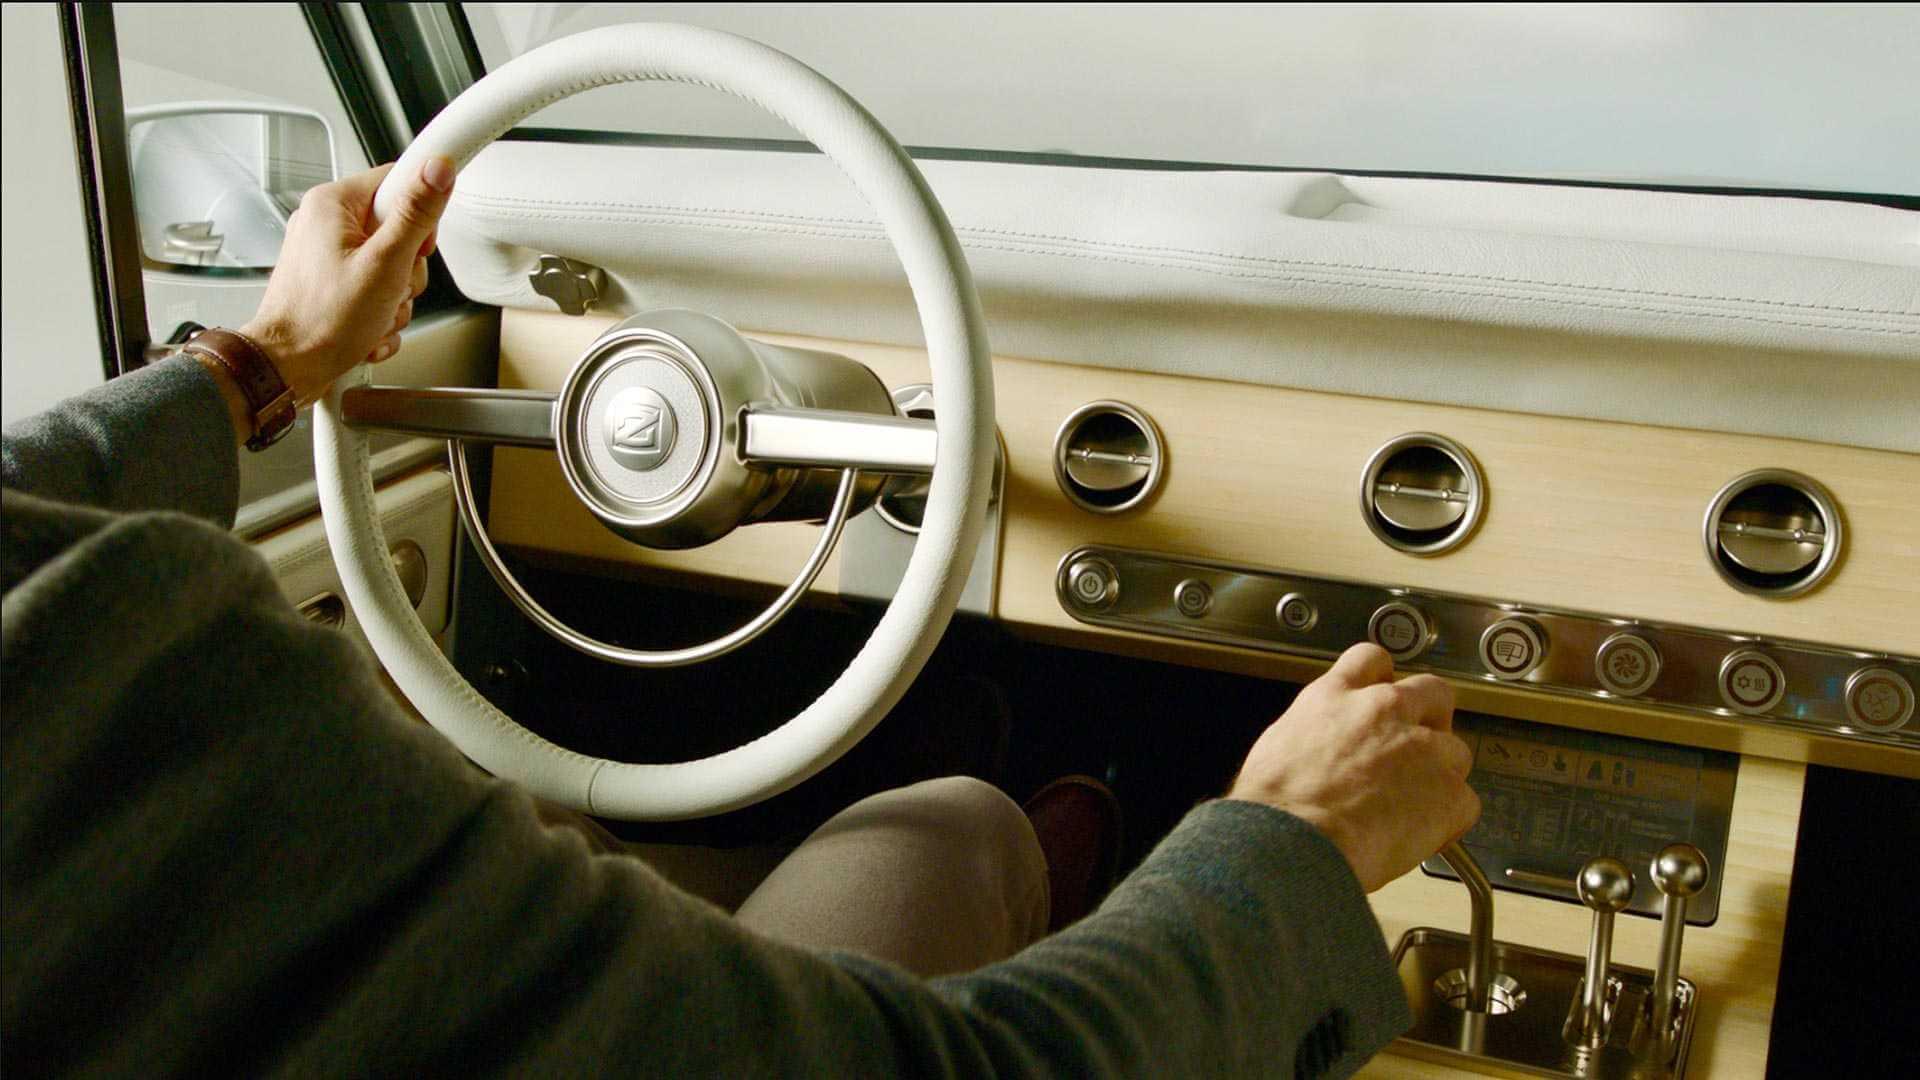 Приборная панель электромобиля Ford Bronco